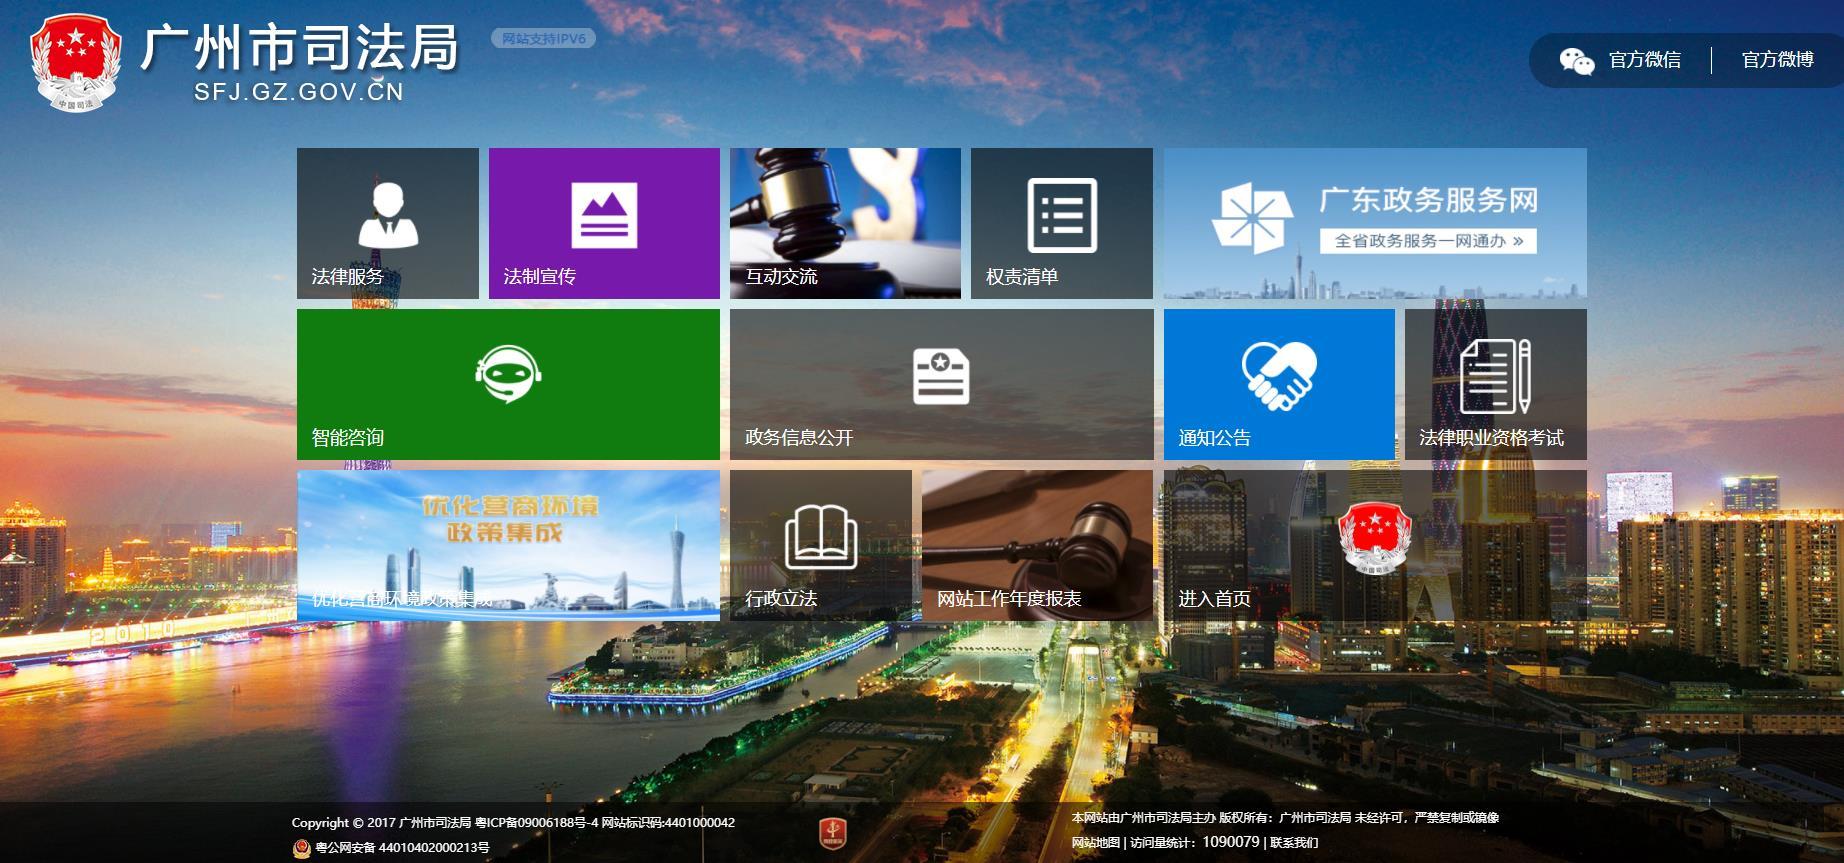 广州市司法局网站